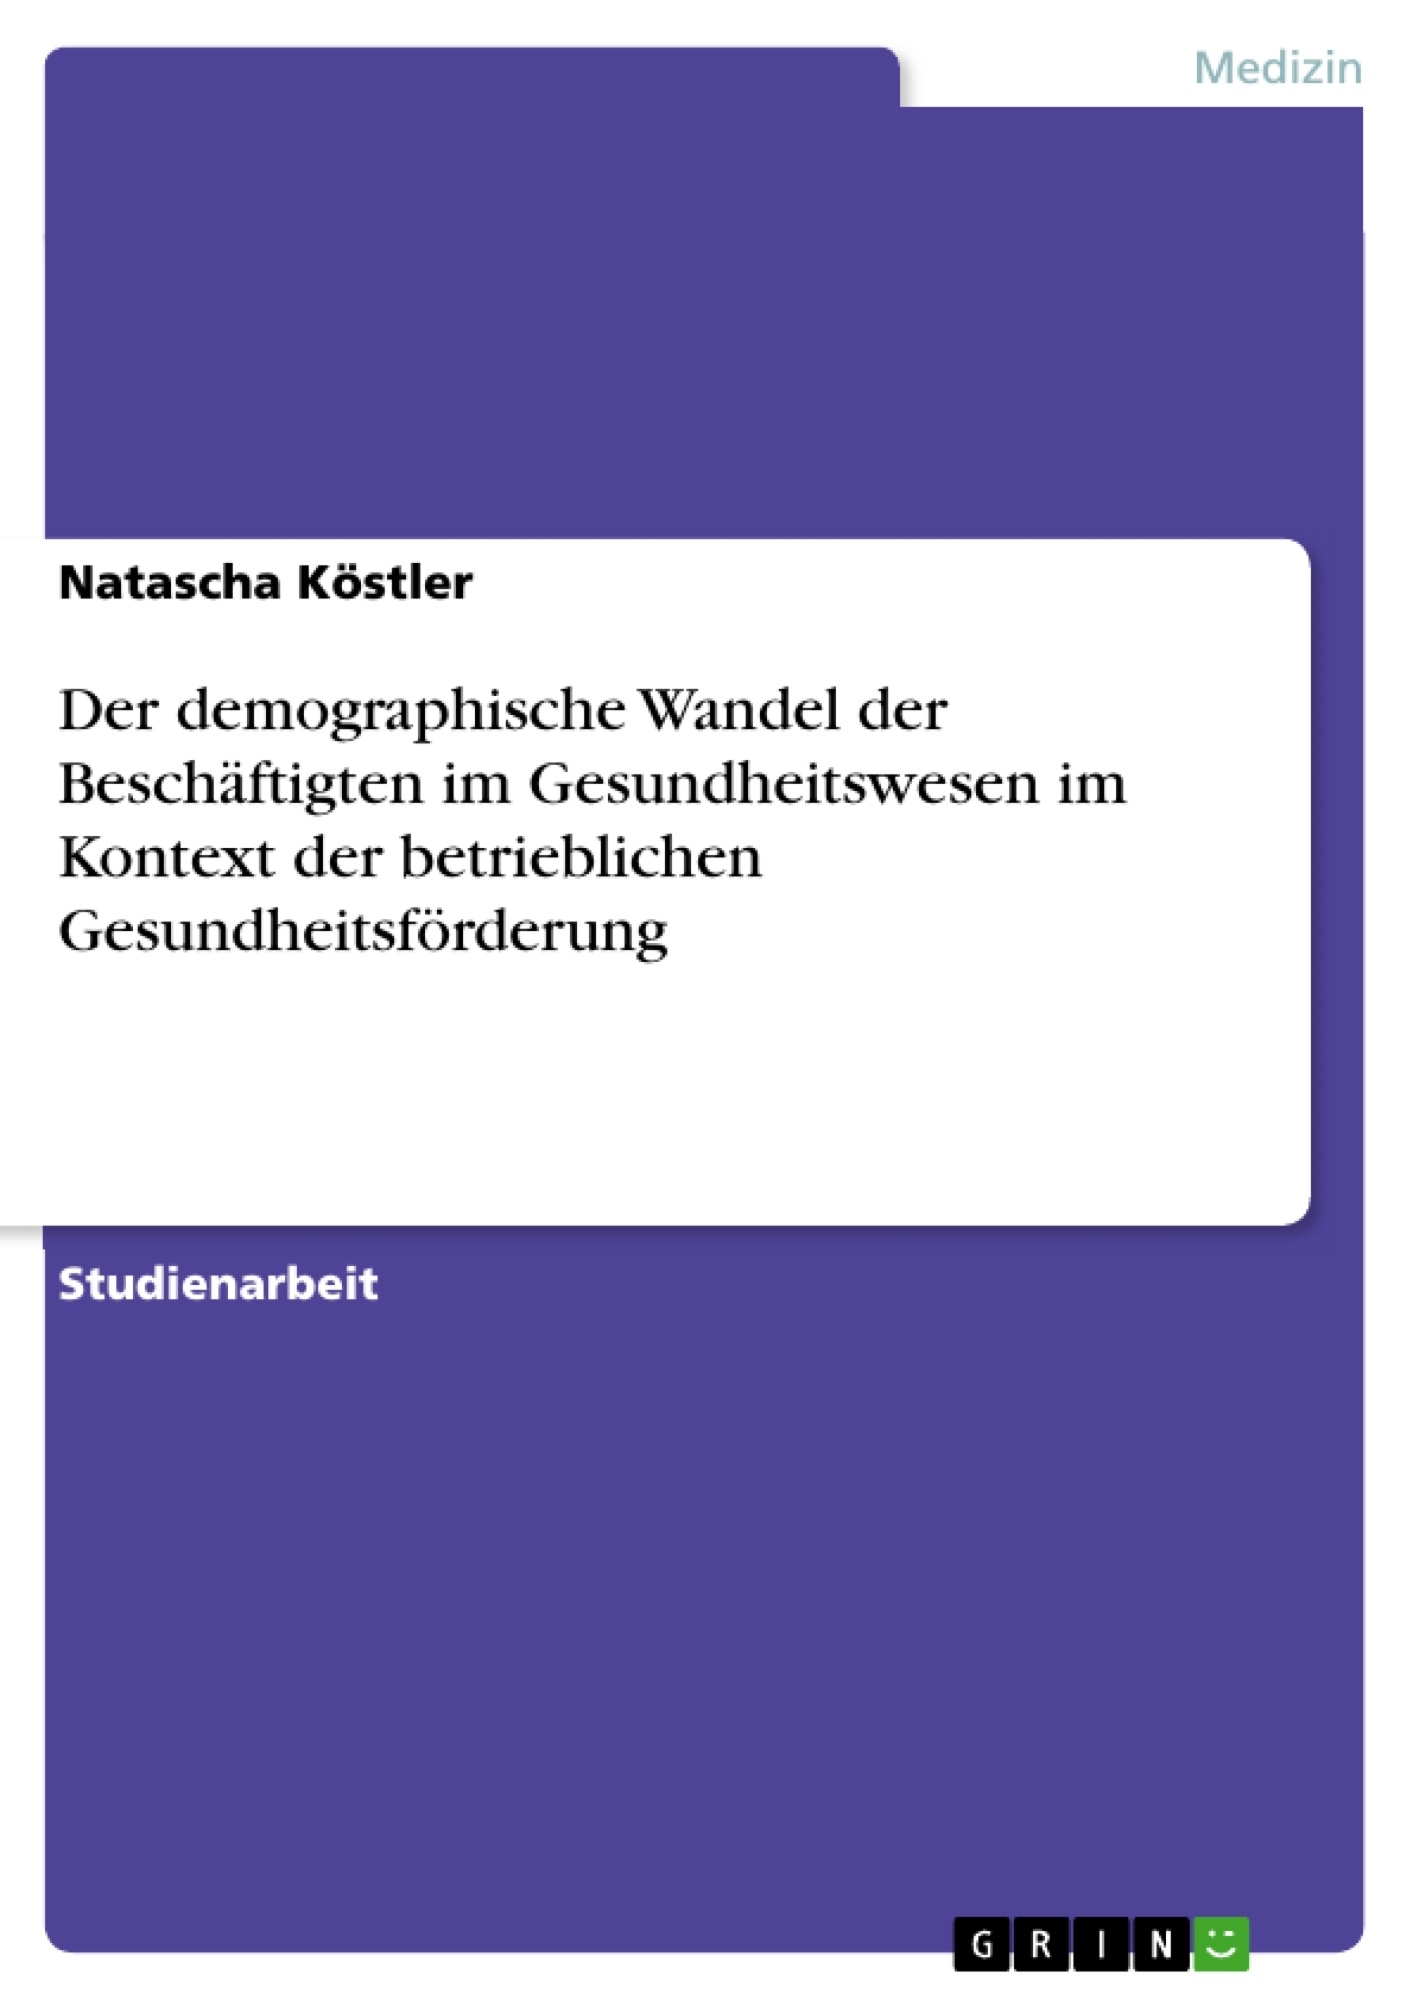 Titel: Der demographische Wandel der Beschäftigten im Gesundheitswesen im Kontext der betrieblichen Gesundheitsförderung